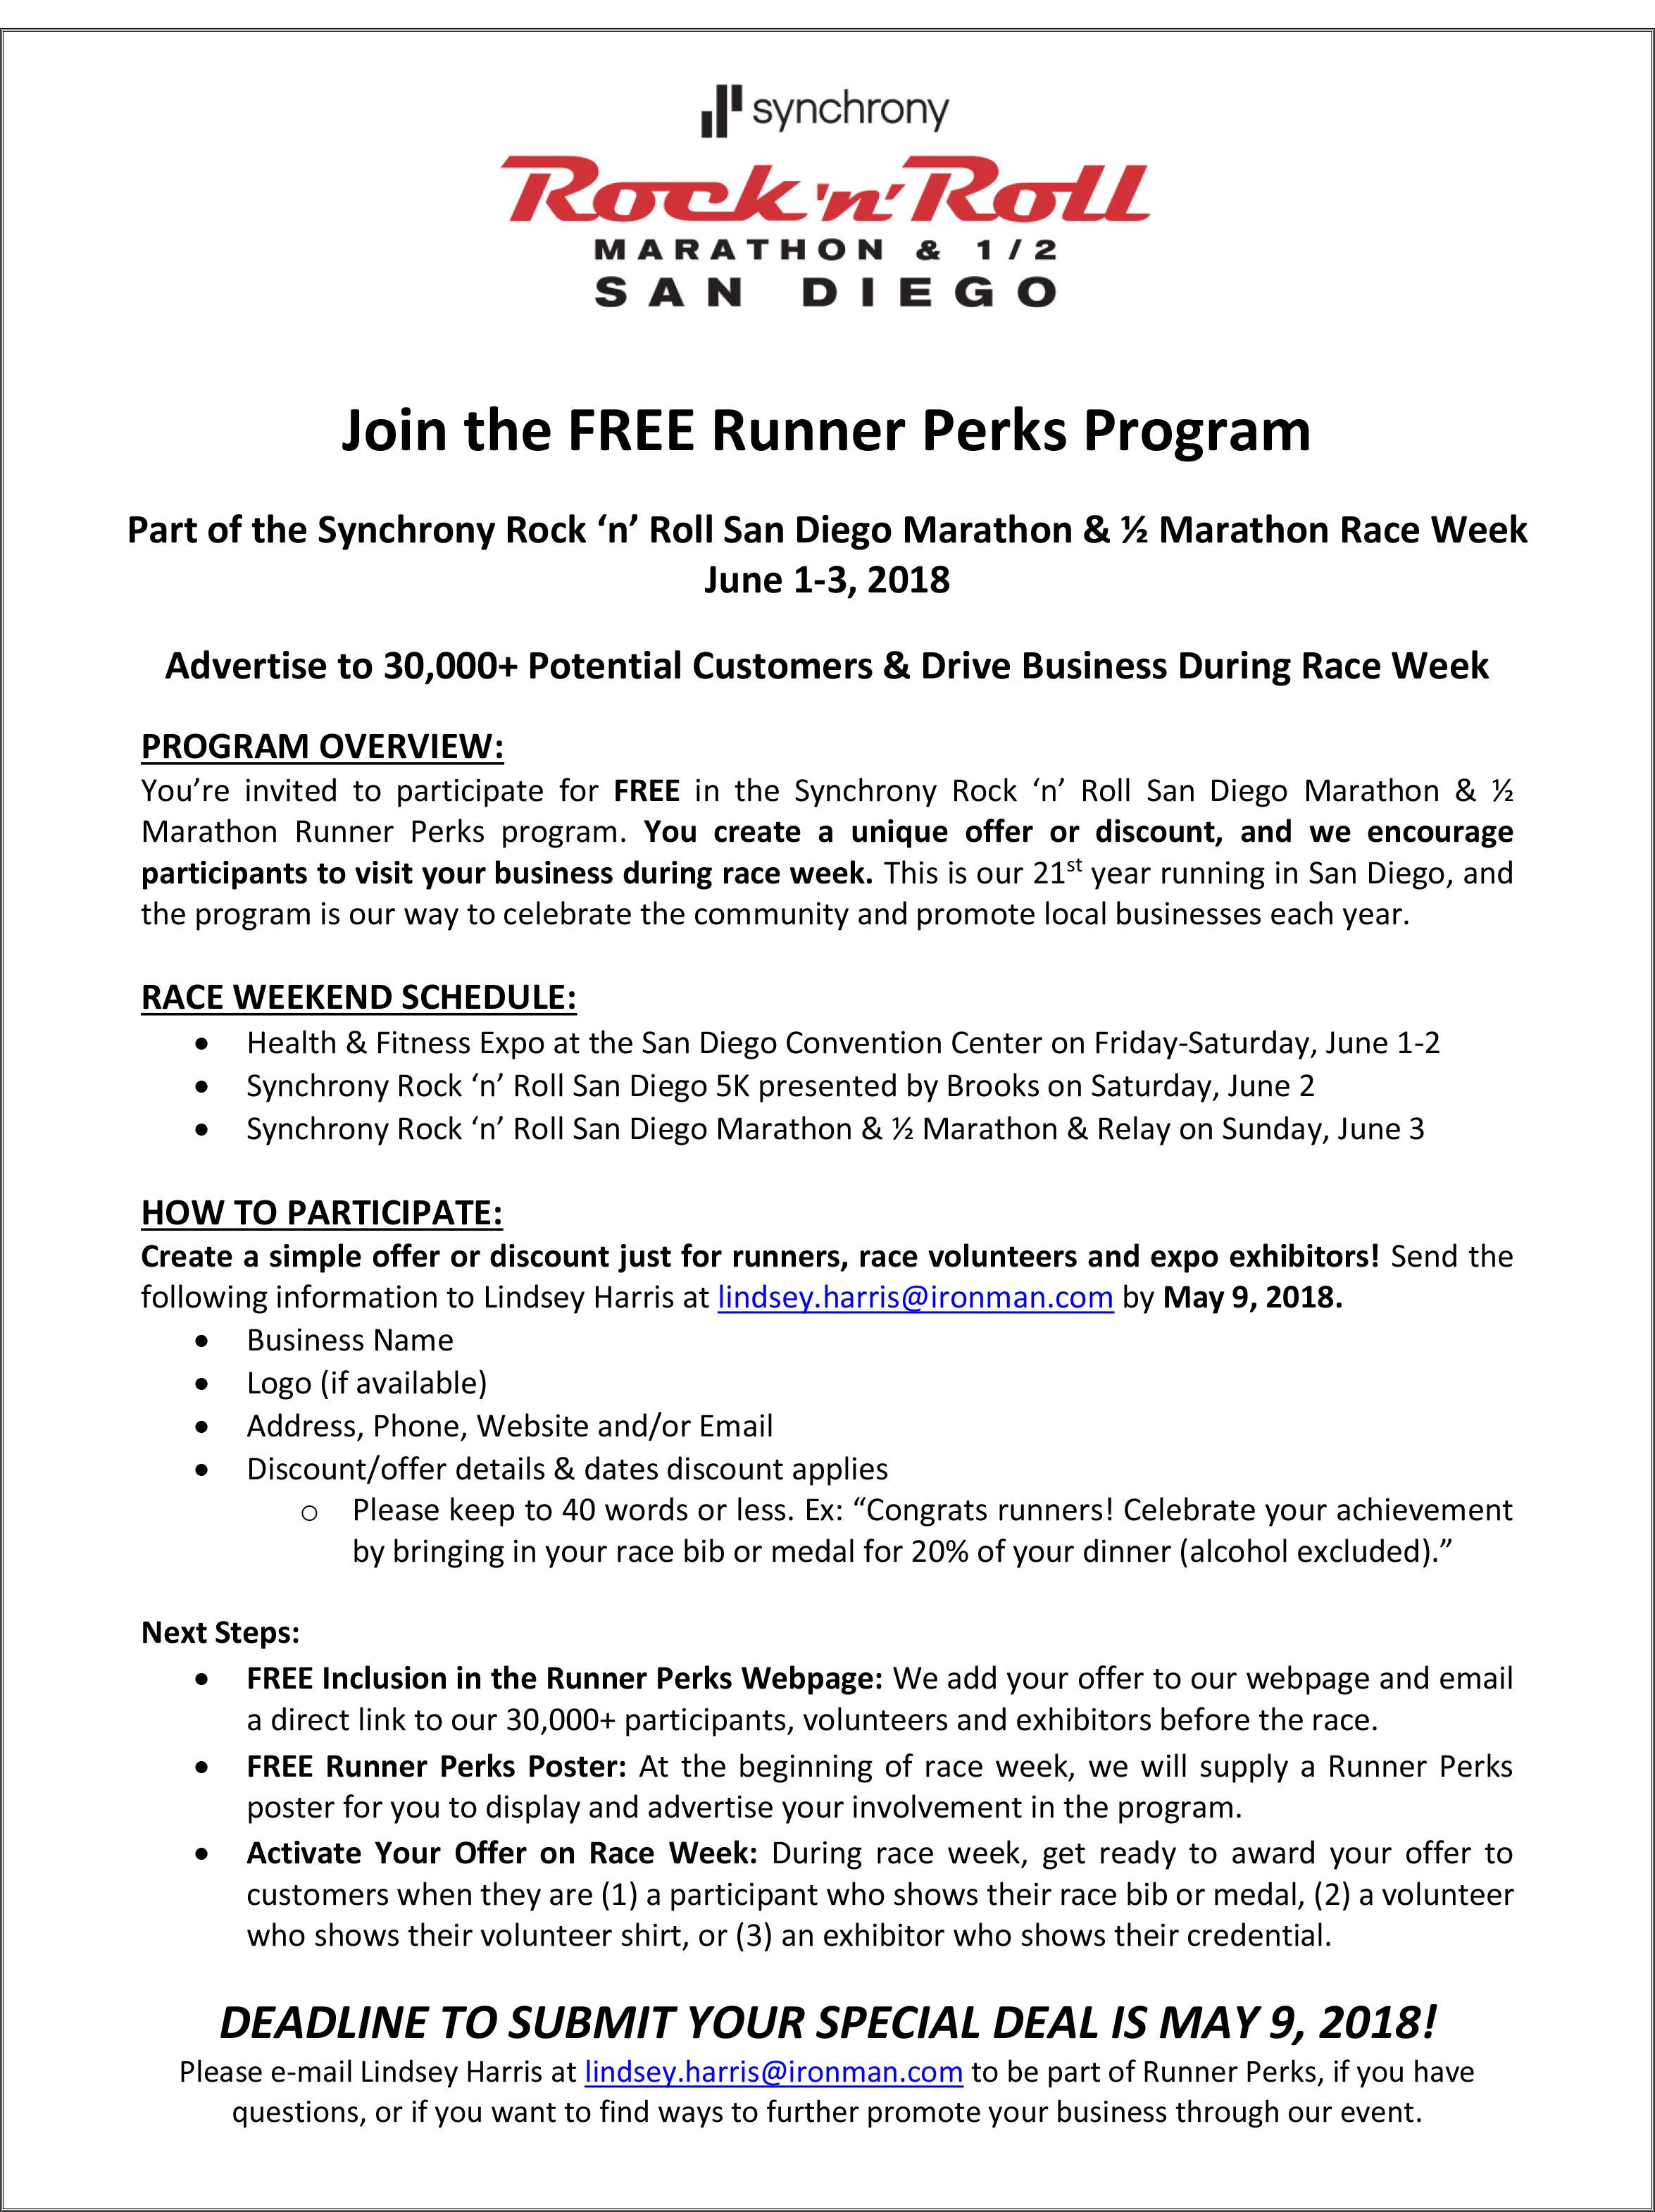 Runner-Perks-Overview.jpg